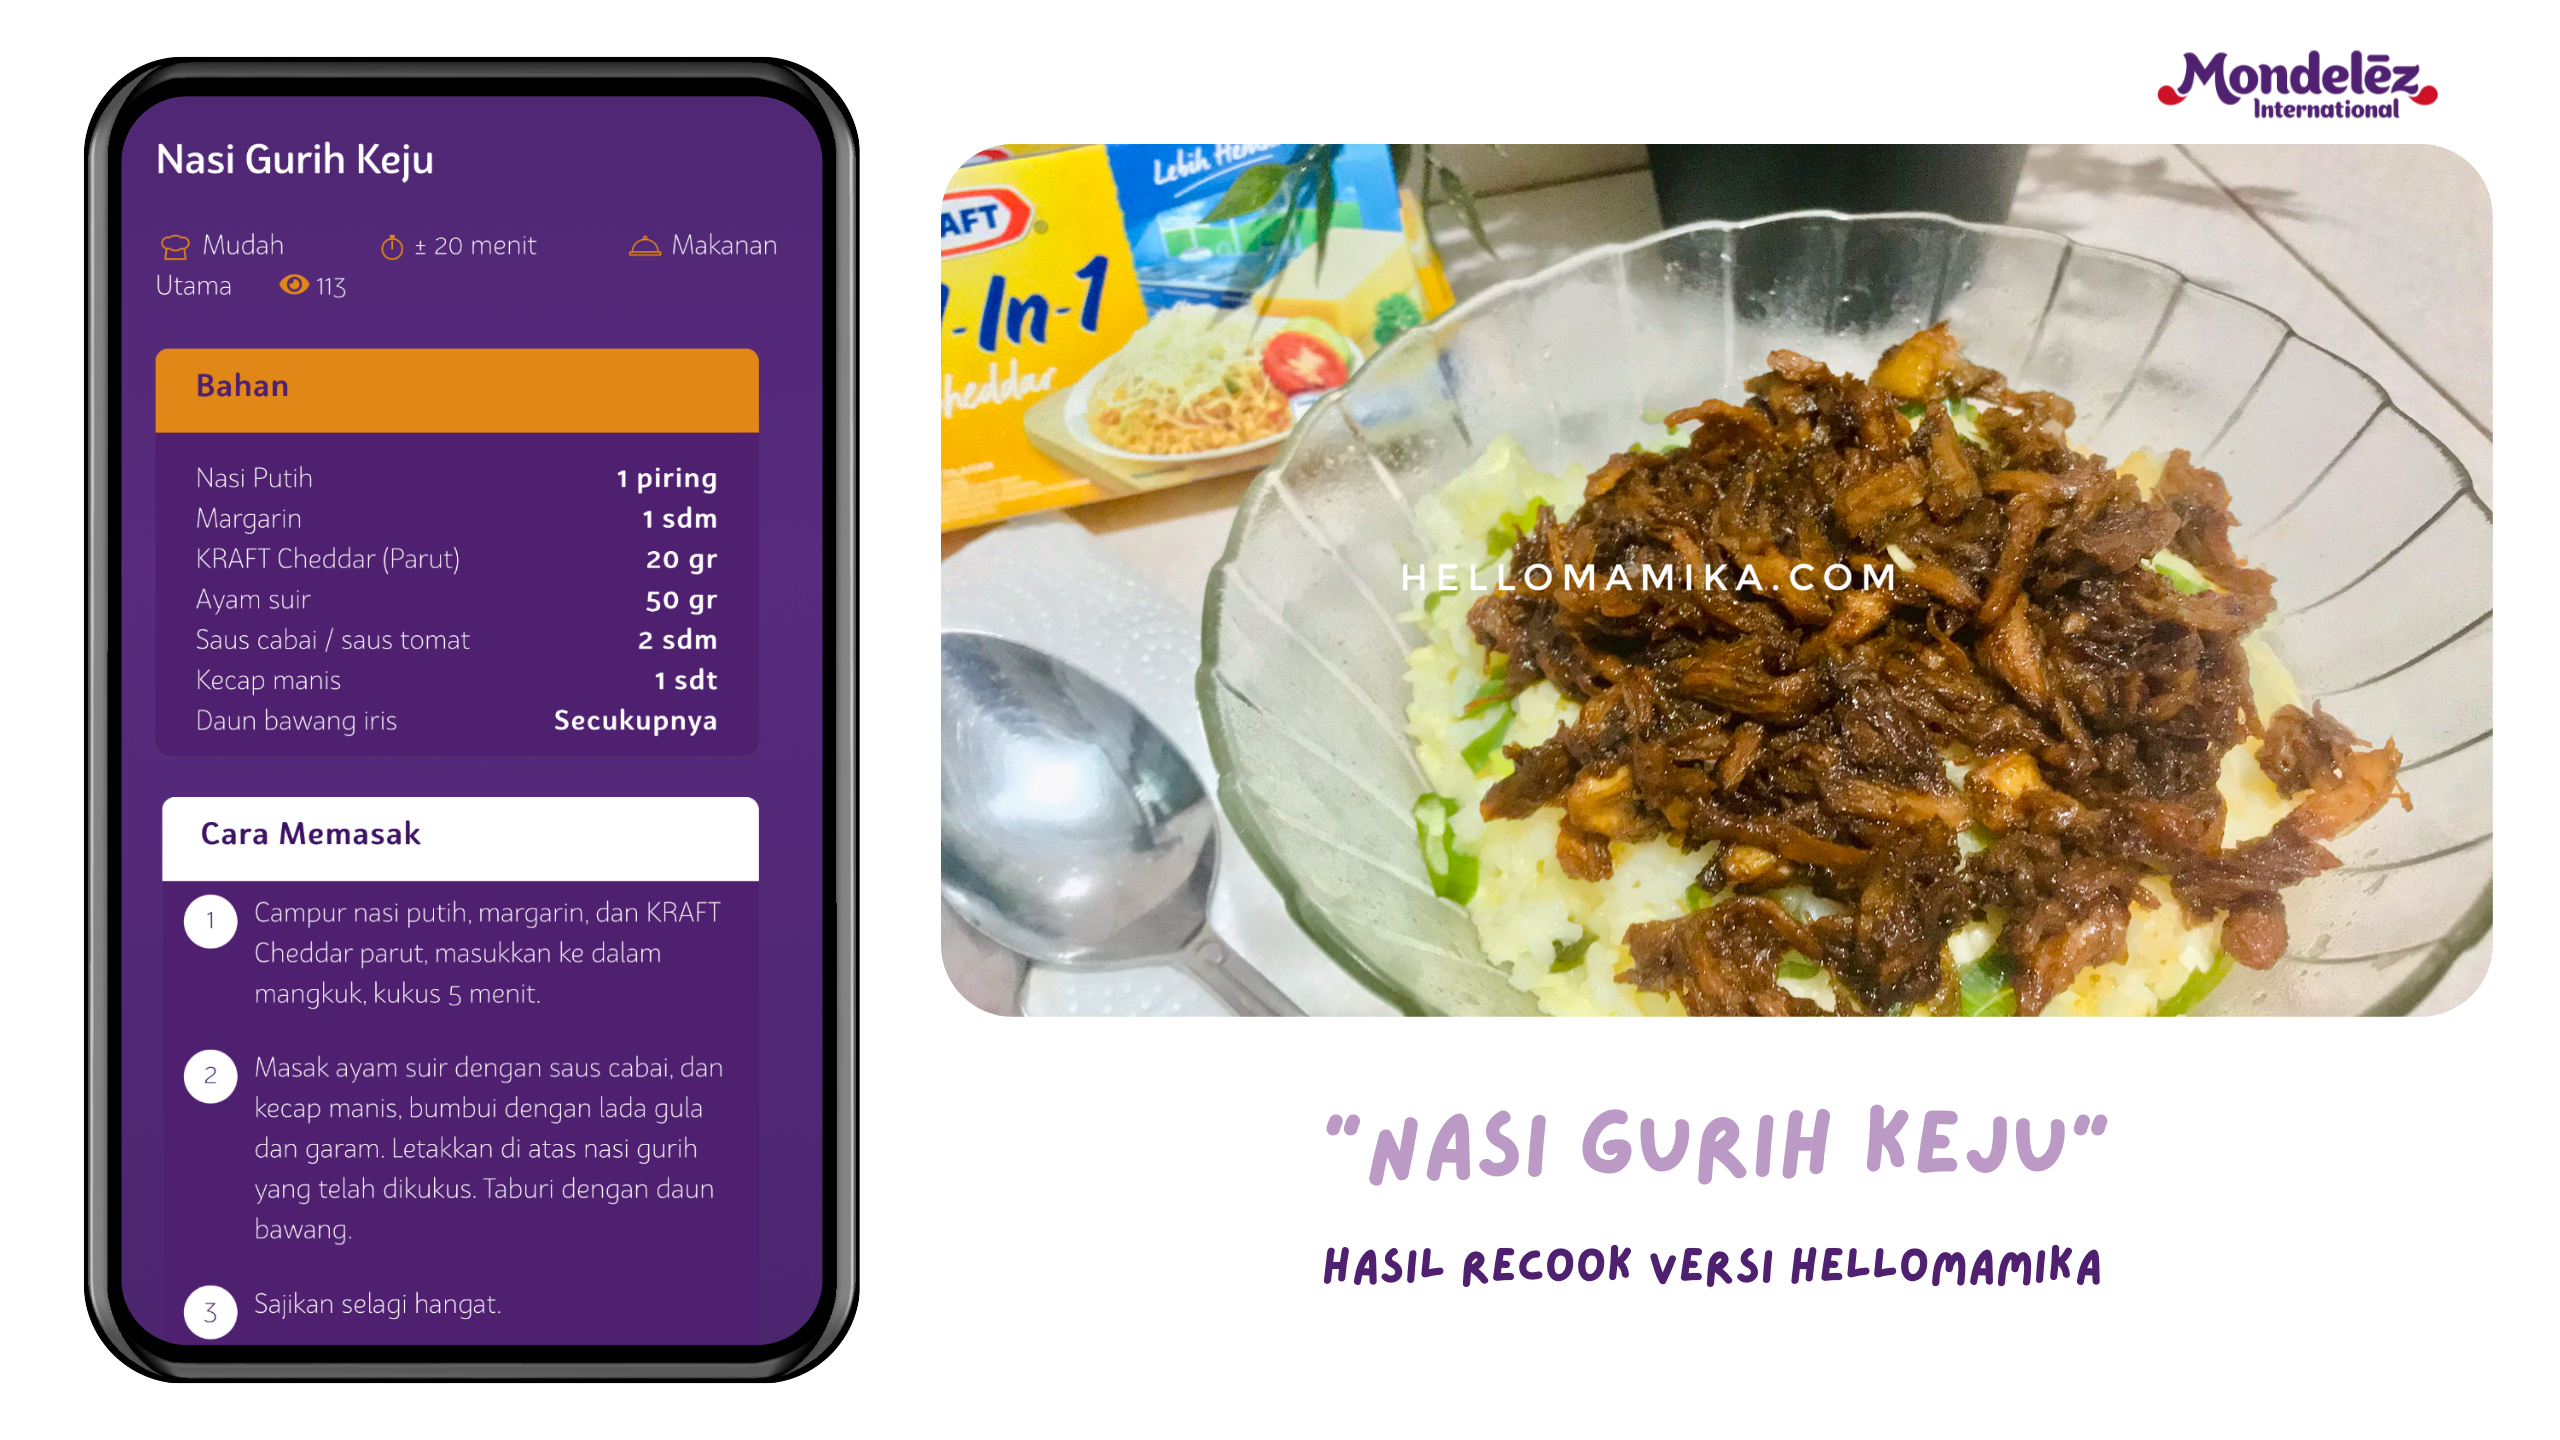 Resep nasi gurih keju mondelez snacks-desserts.id